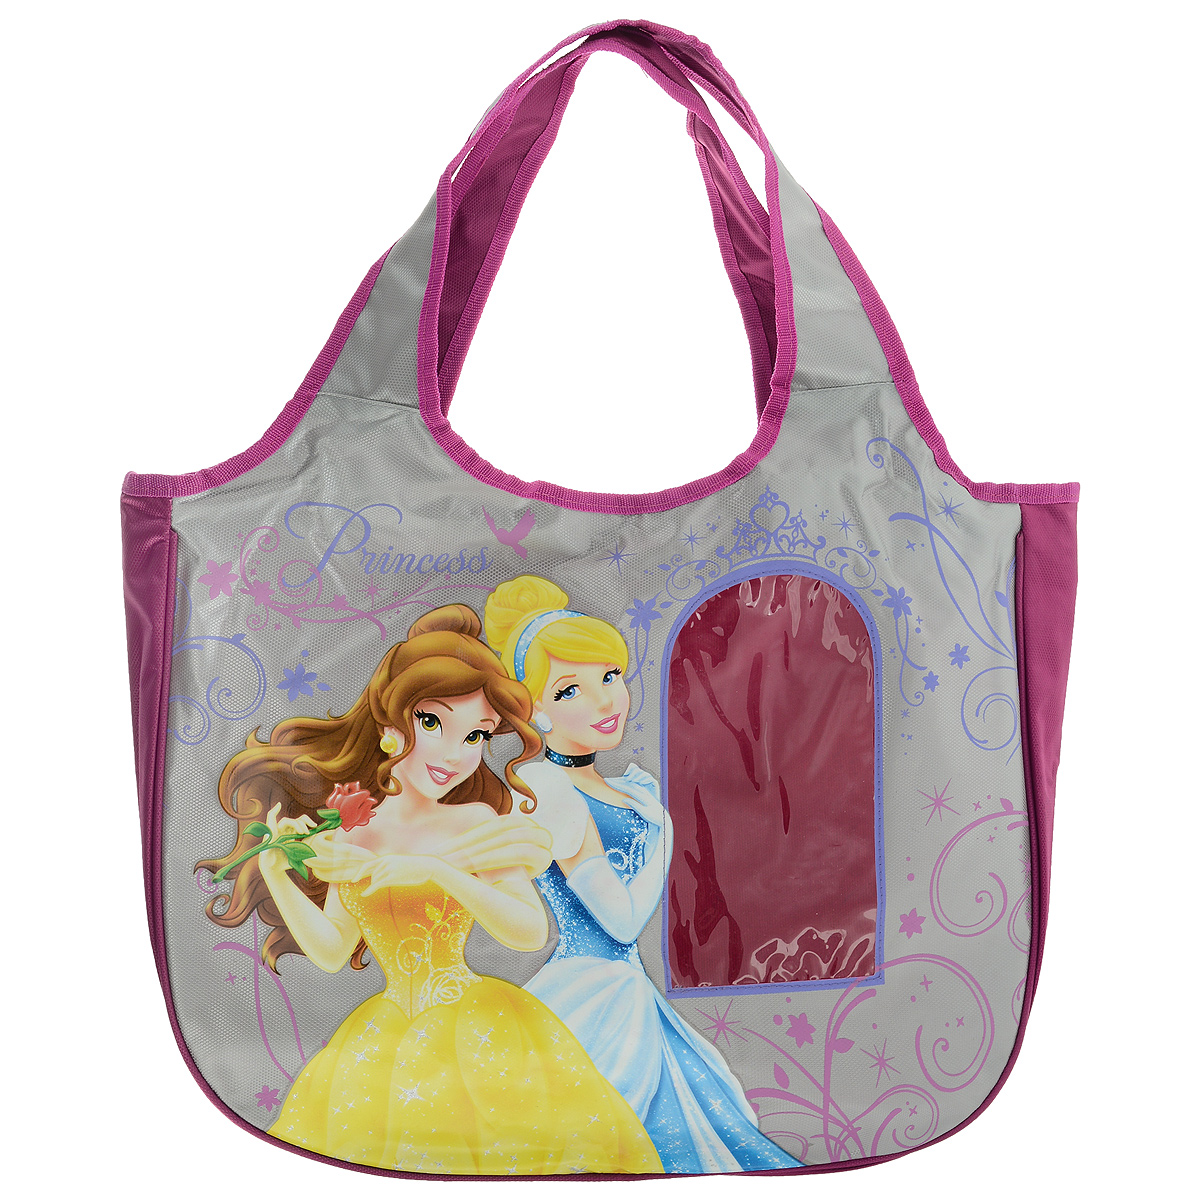 Сумка детская Disney Princess, цвет: розовый, серый. PRAS-UT-1445PRAS-UT-1445Сумка детская Disney Princess, выполненная из плотного, водоотталкивающего полиэстера, оформлена изображением прекрасных принцесс.Сумочка имеет одно большое вместительное отделение, закрывающееся на застежку-молнию, куда можно положить все необходимые принадлежности и аксессуары. На лицевой стороне сумки имеется небольшая прозрачная вставка в виде окна. Внутри отделения расположен карман-кошелек на молнии. Сумочка оснащена двумя ручками для переноски, которые выполнены цельными с основой.Сумка Disney Princess - идеальный вариант аксессуара на время прогулки или путешествия.